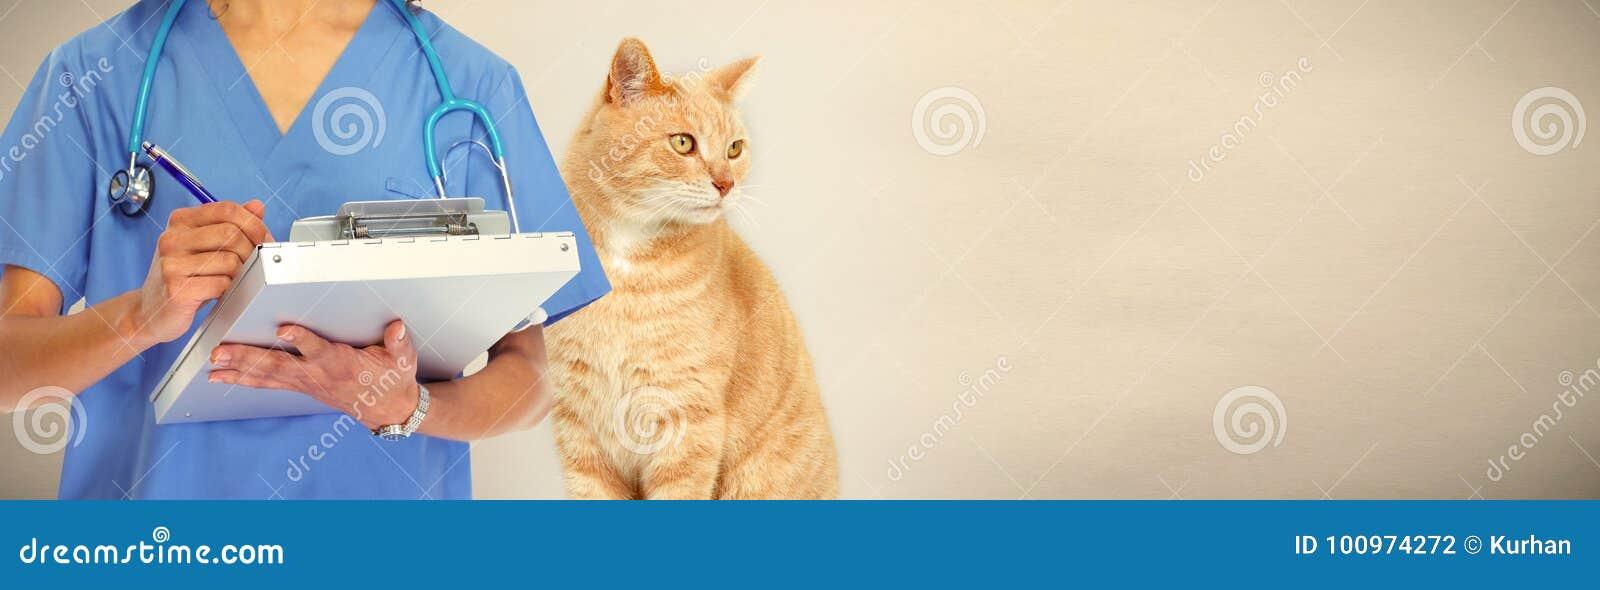 Weterynarz lekarka z kotem w weterynaryjnej klinice